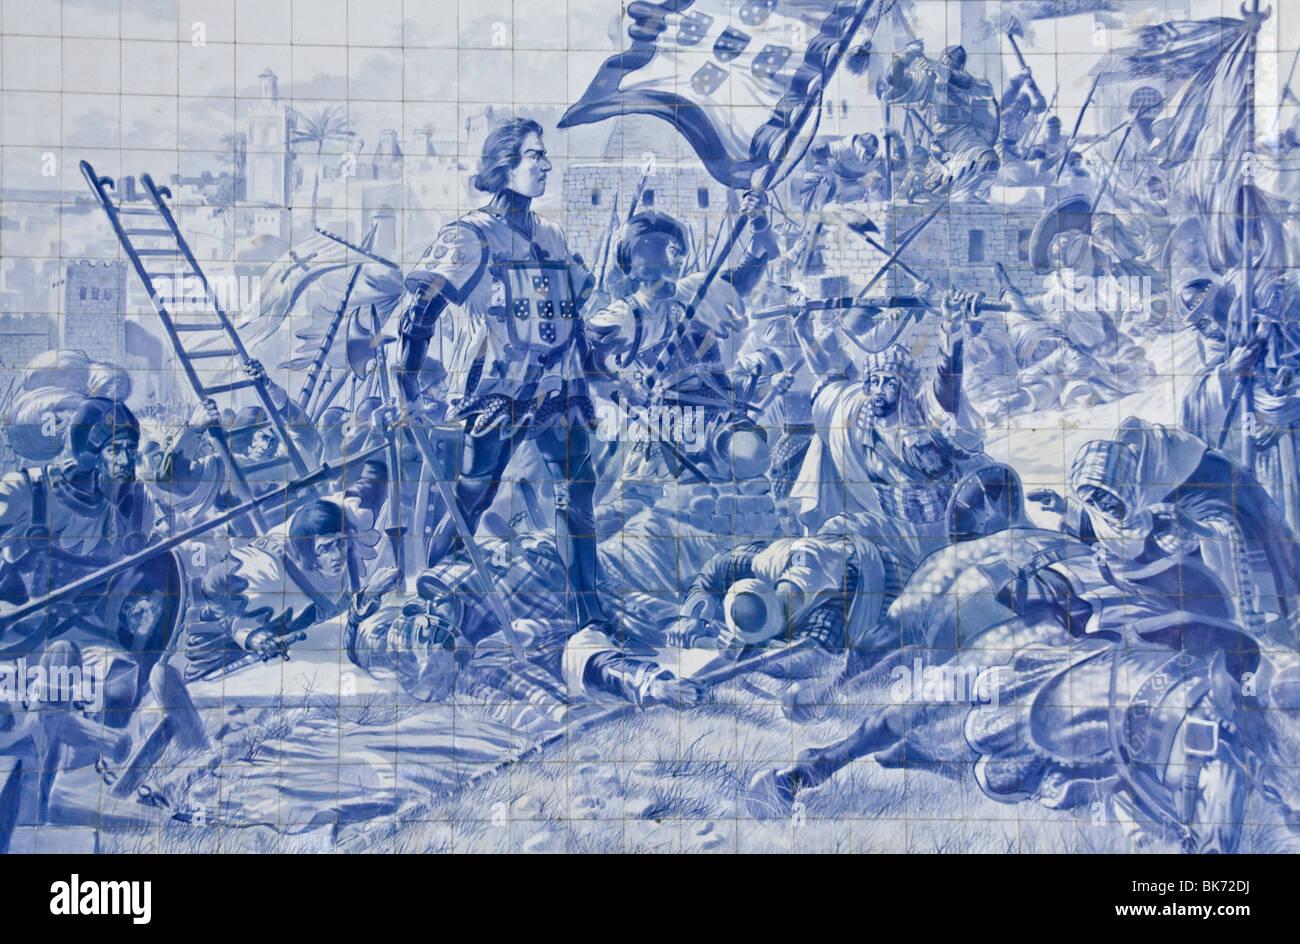 Azulejos piastrelle di terracotta murale alla stazione ferroviaria